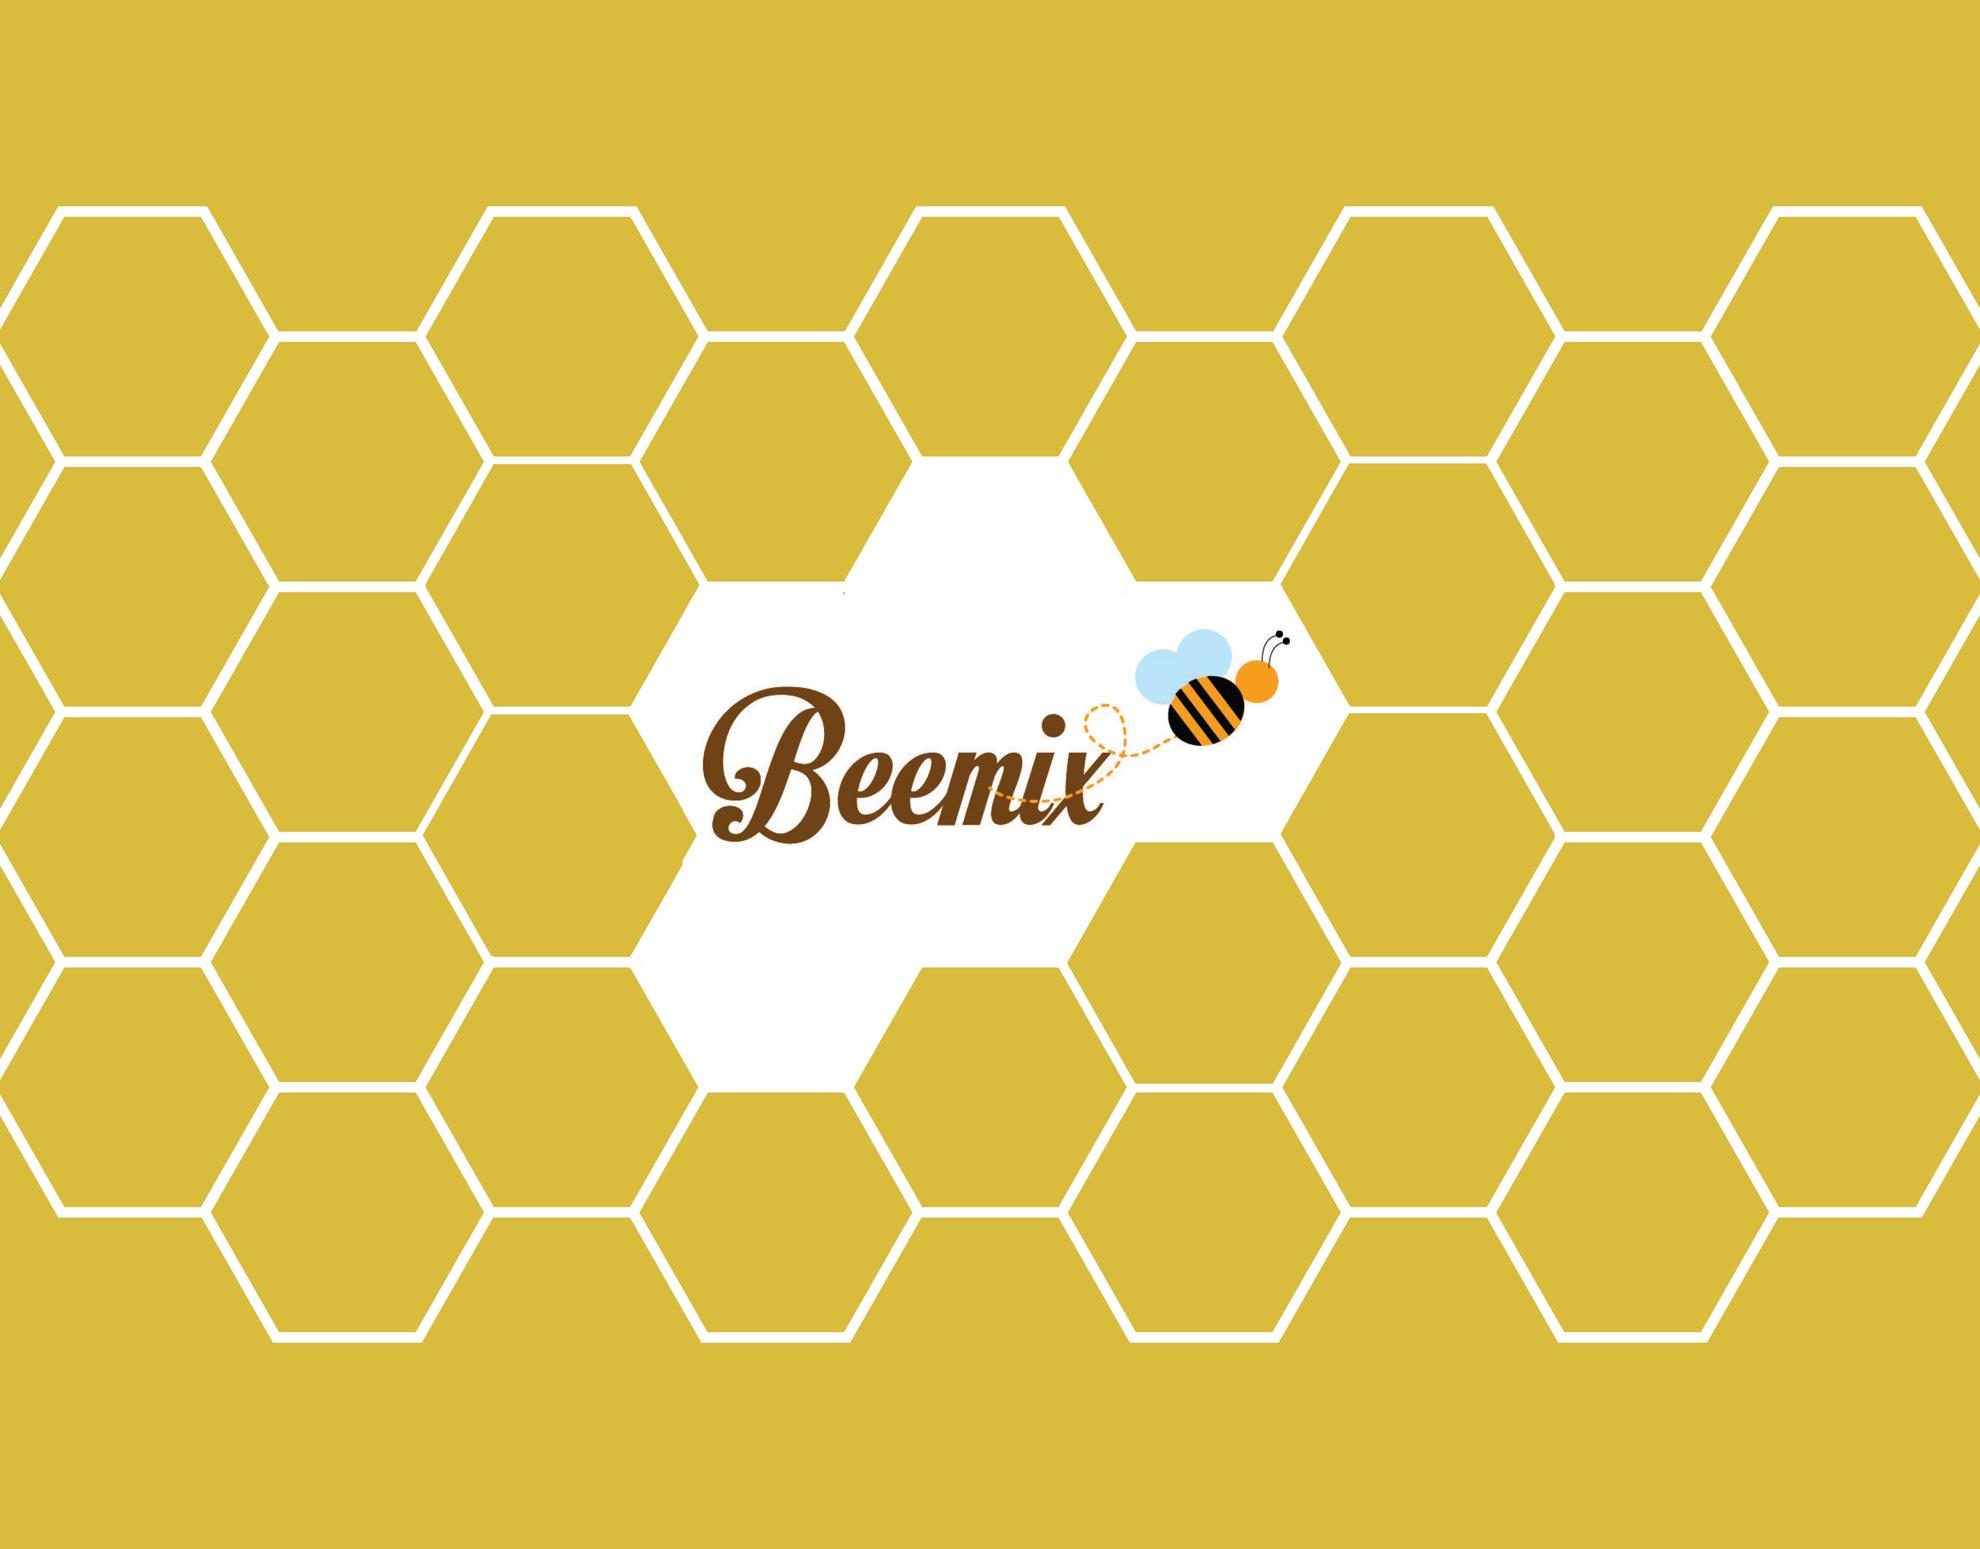 beemix cover